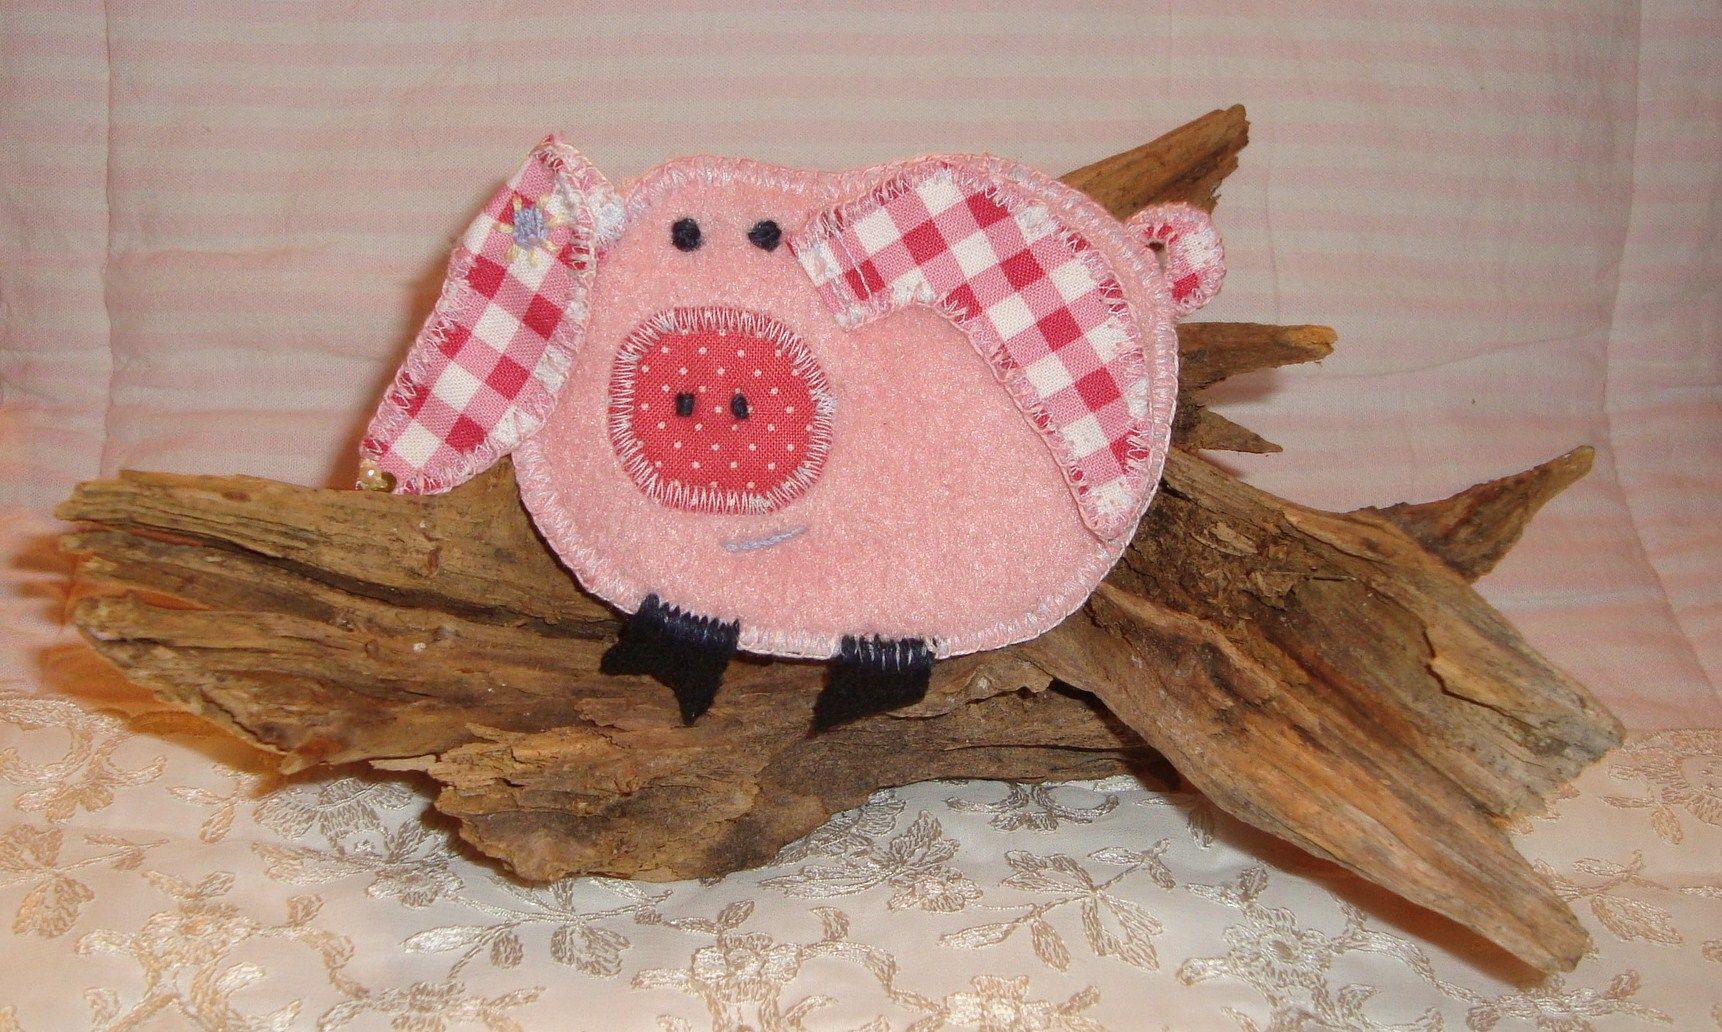 """Textile brooch """"Piggelinchen"""" (sold) - http://de.dawanda.com/shop/ursulavongranegg/1125205-Broschen-und-Anstecker - Facebook page: https://www.facebook.com/Wilhelmine-Wiesenkraut-802474093168101/timeline/?ref=hl"""